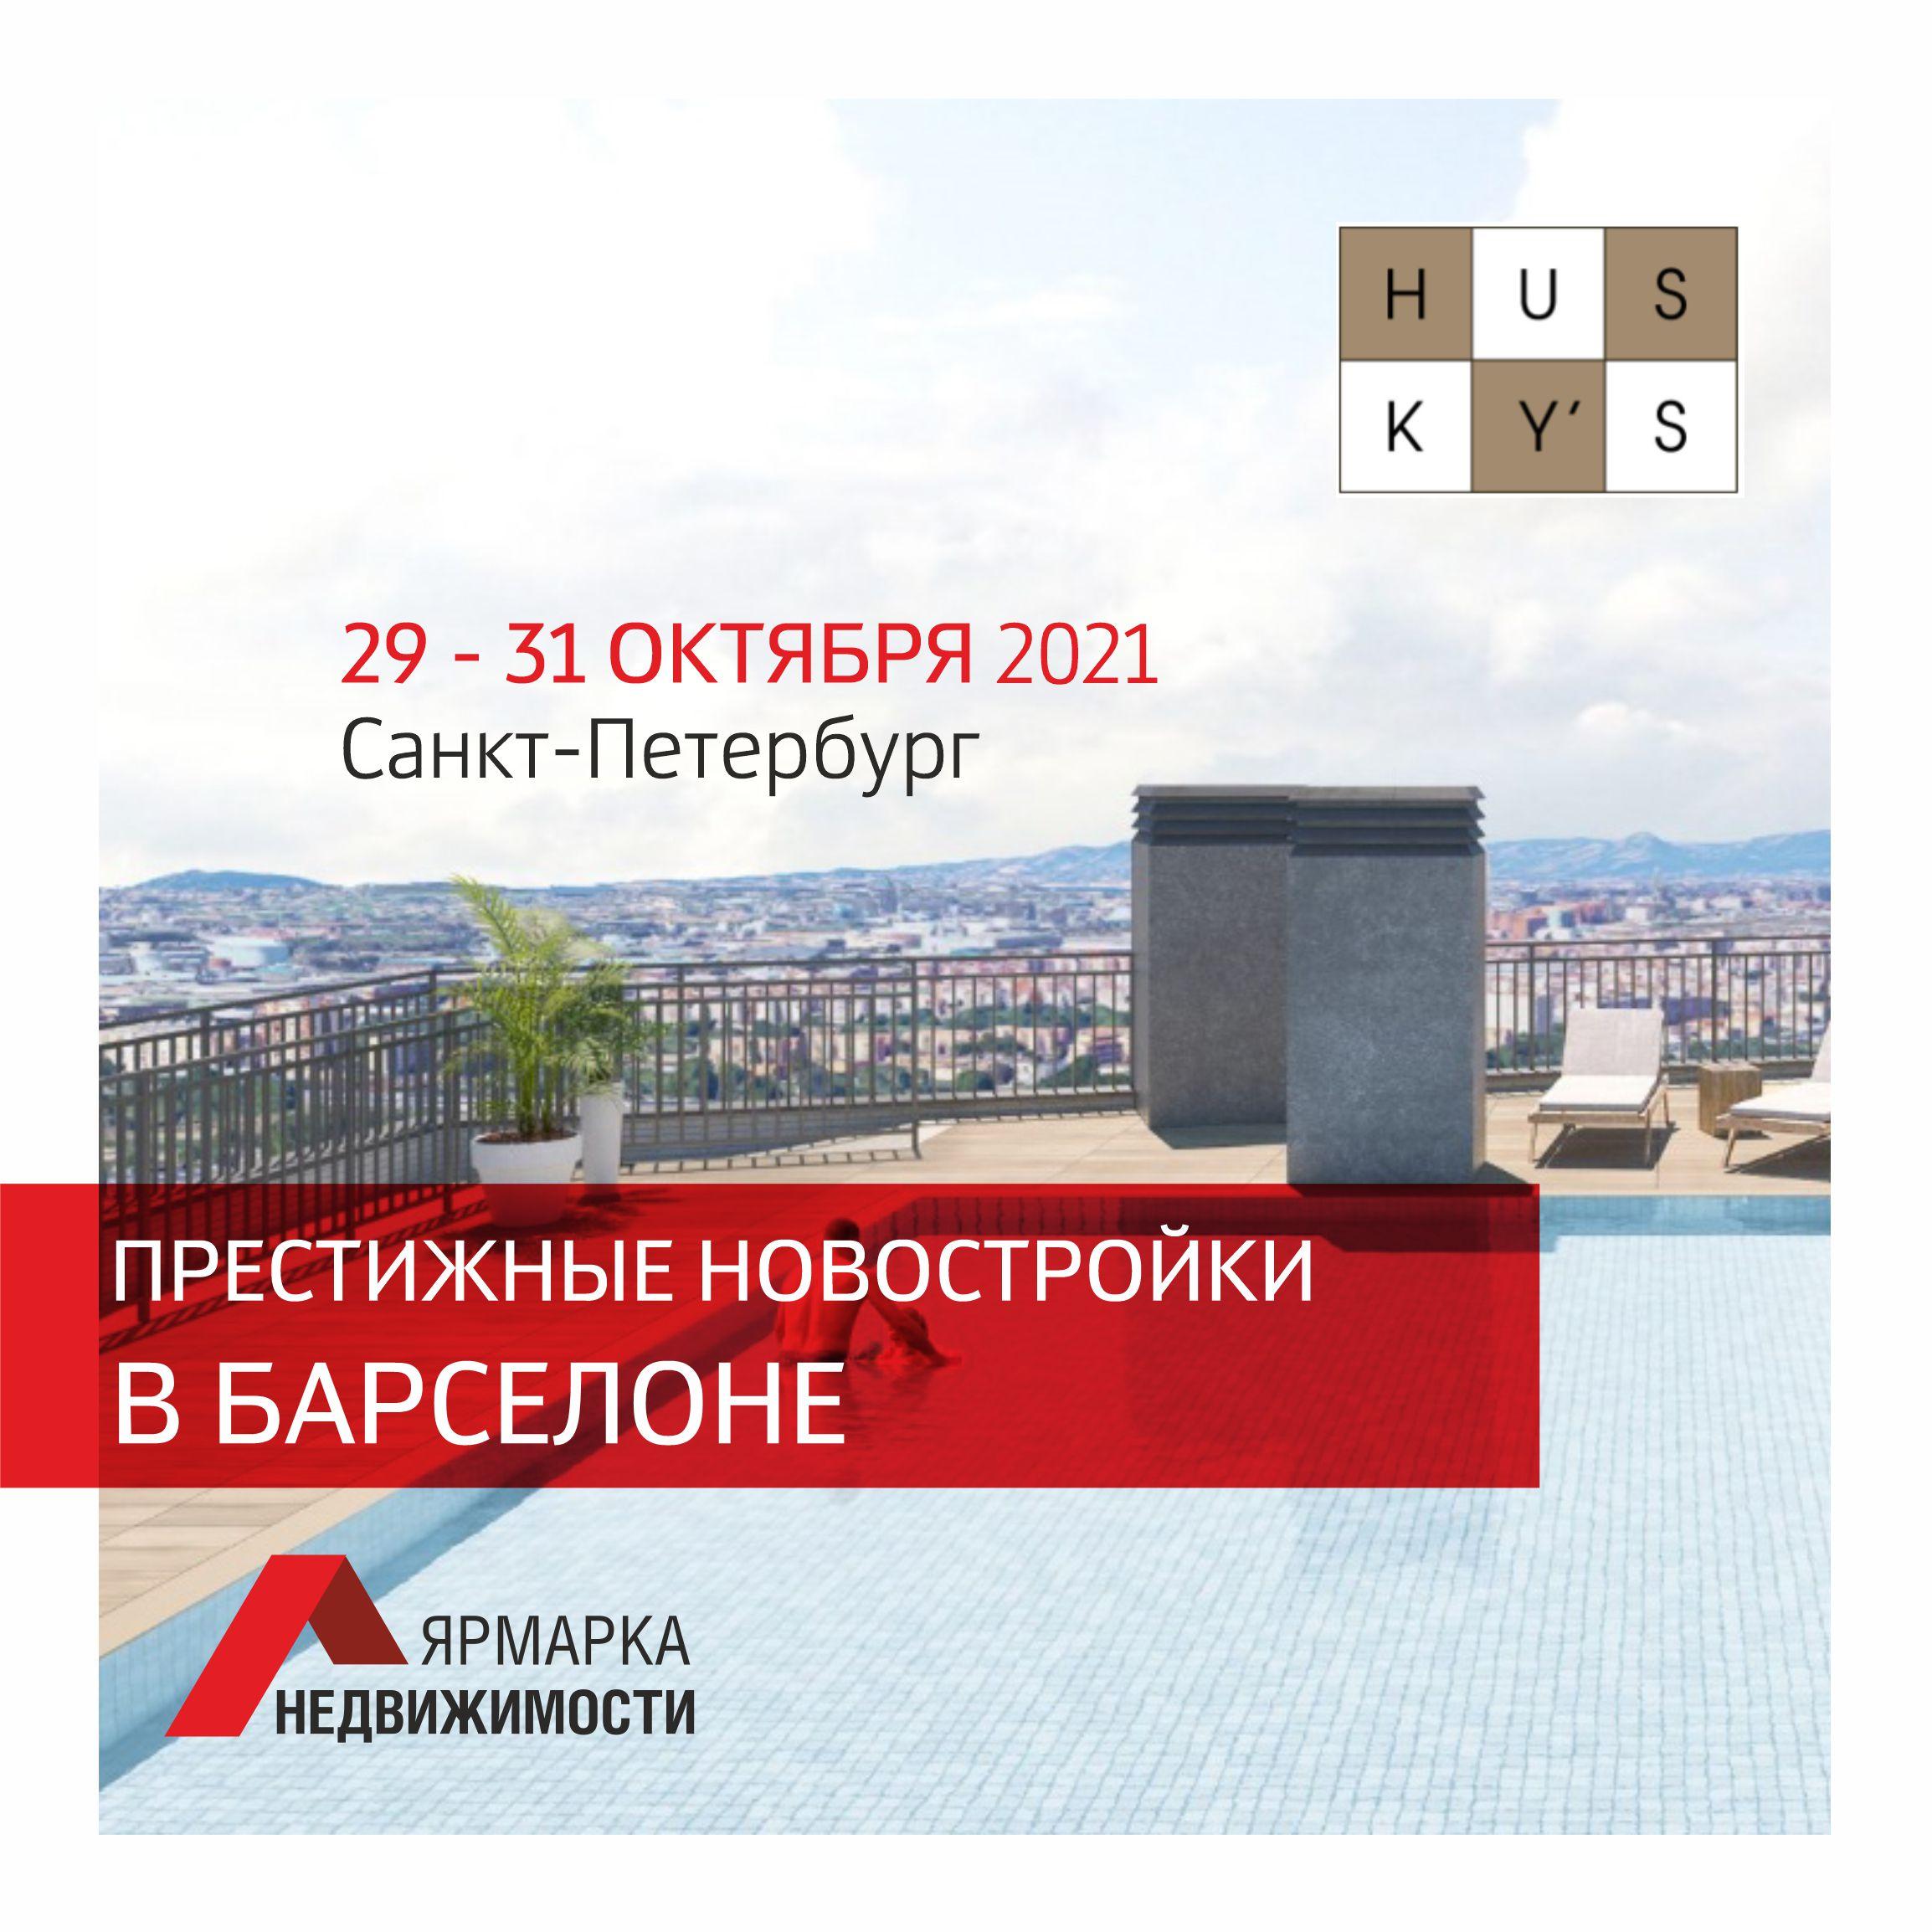 Тем, кто выбирает недвижимость в Испании , Ярмарка недвижимости представляет Husky's group, участника осенней выставки.